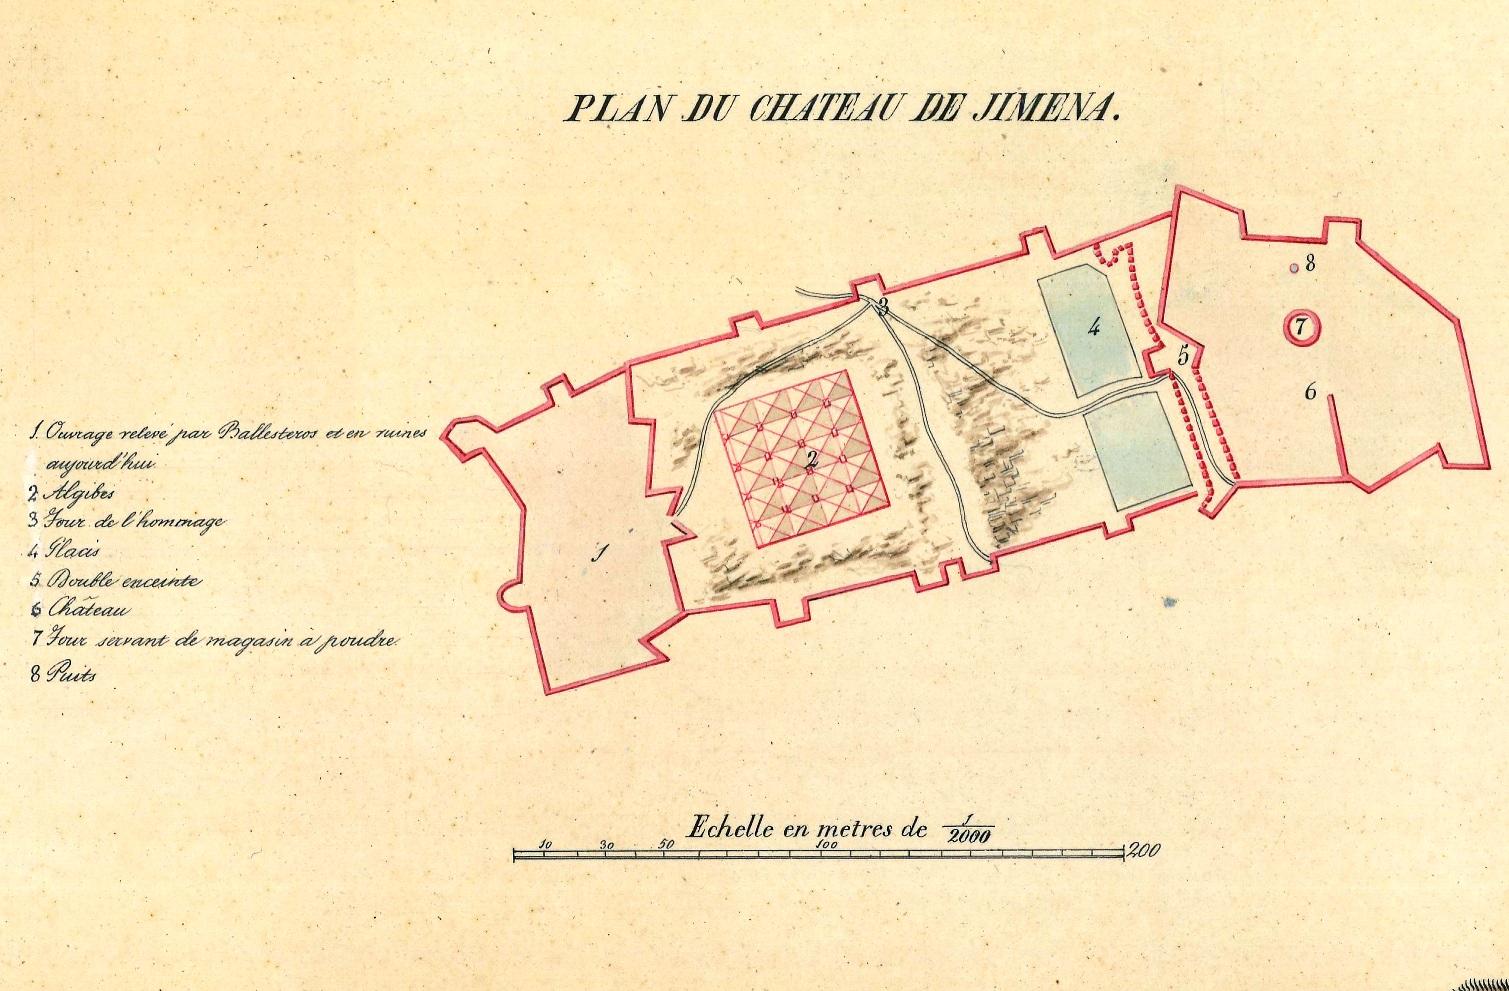 Castillo de jimena siglo XIX.jpg petit